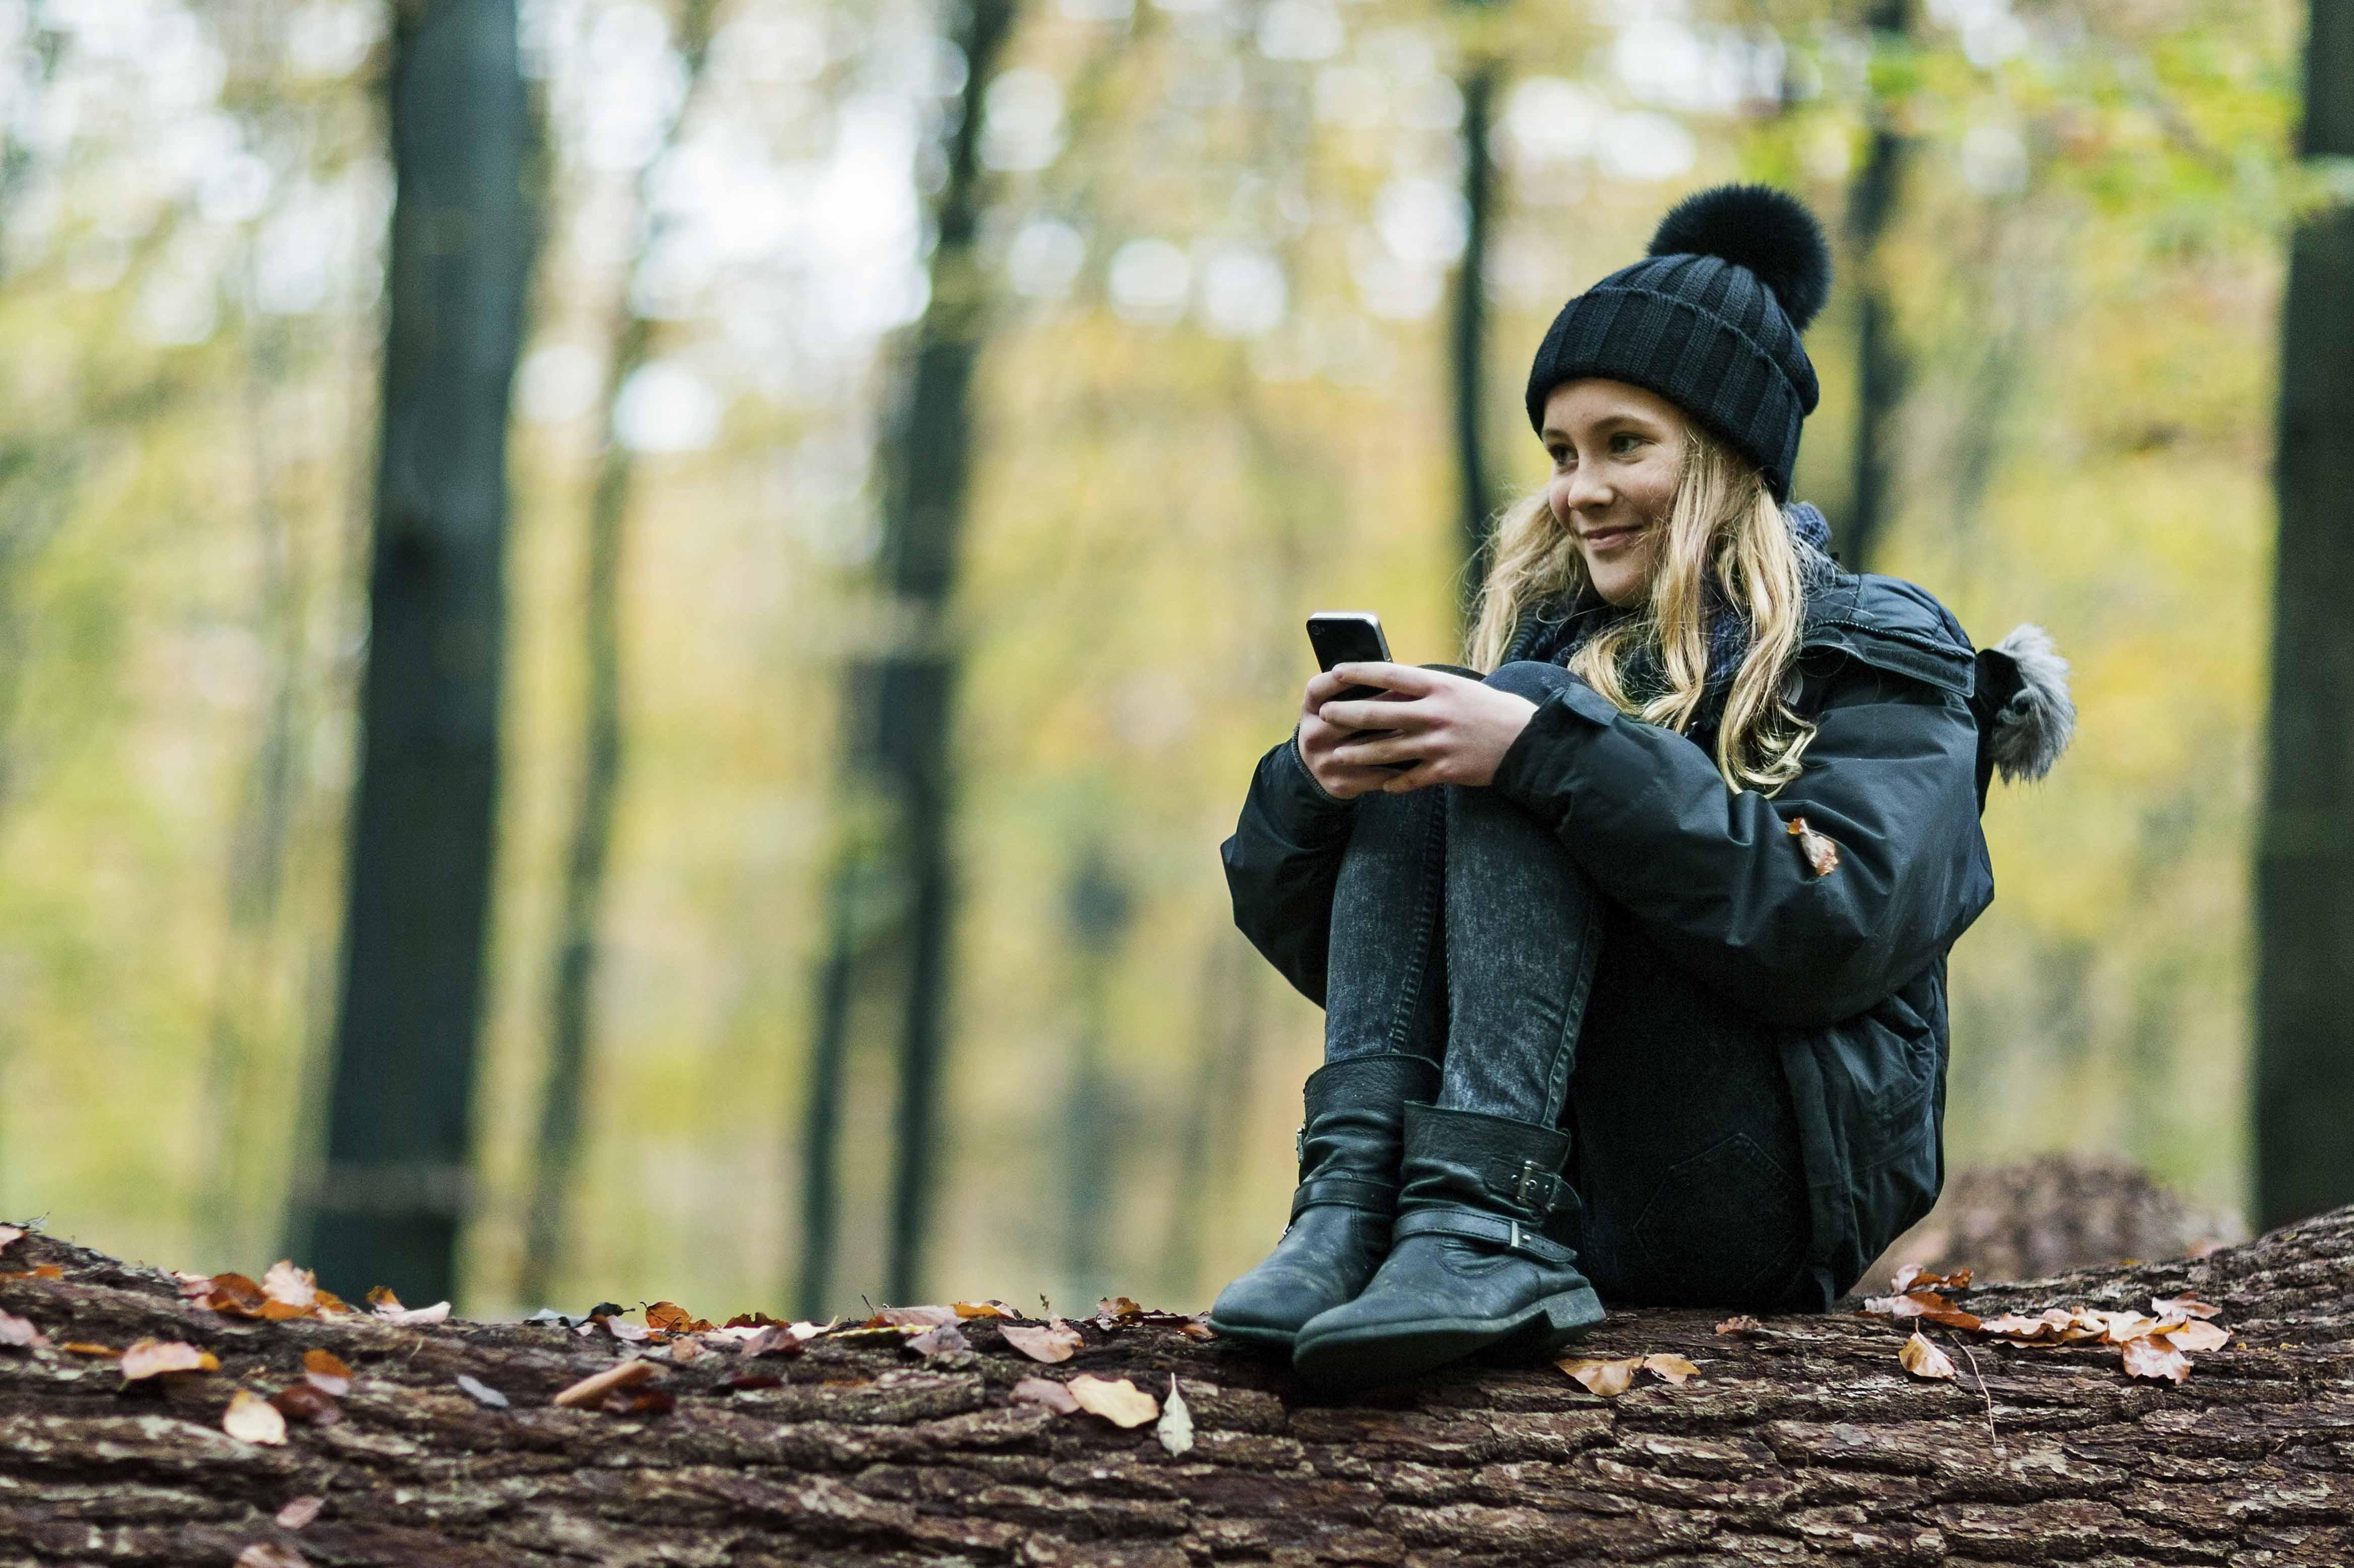 Danmarks bedste mobilnetværk siger farvel til 3G i 2022